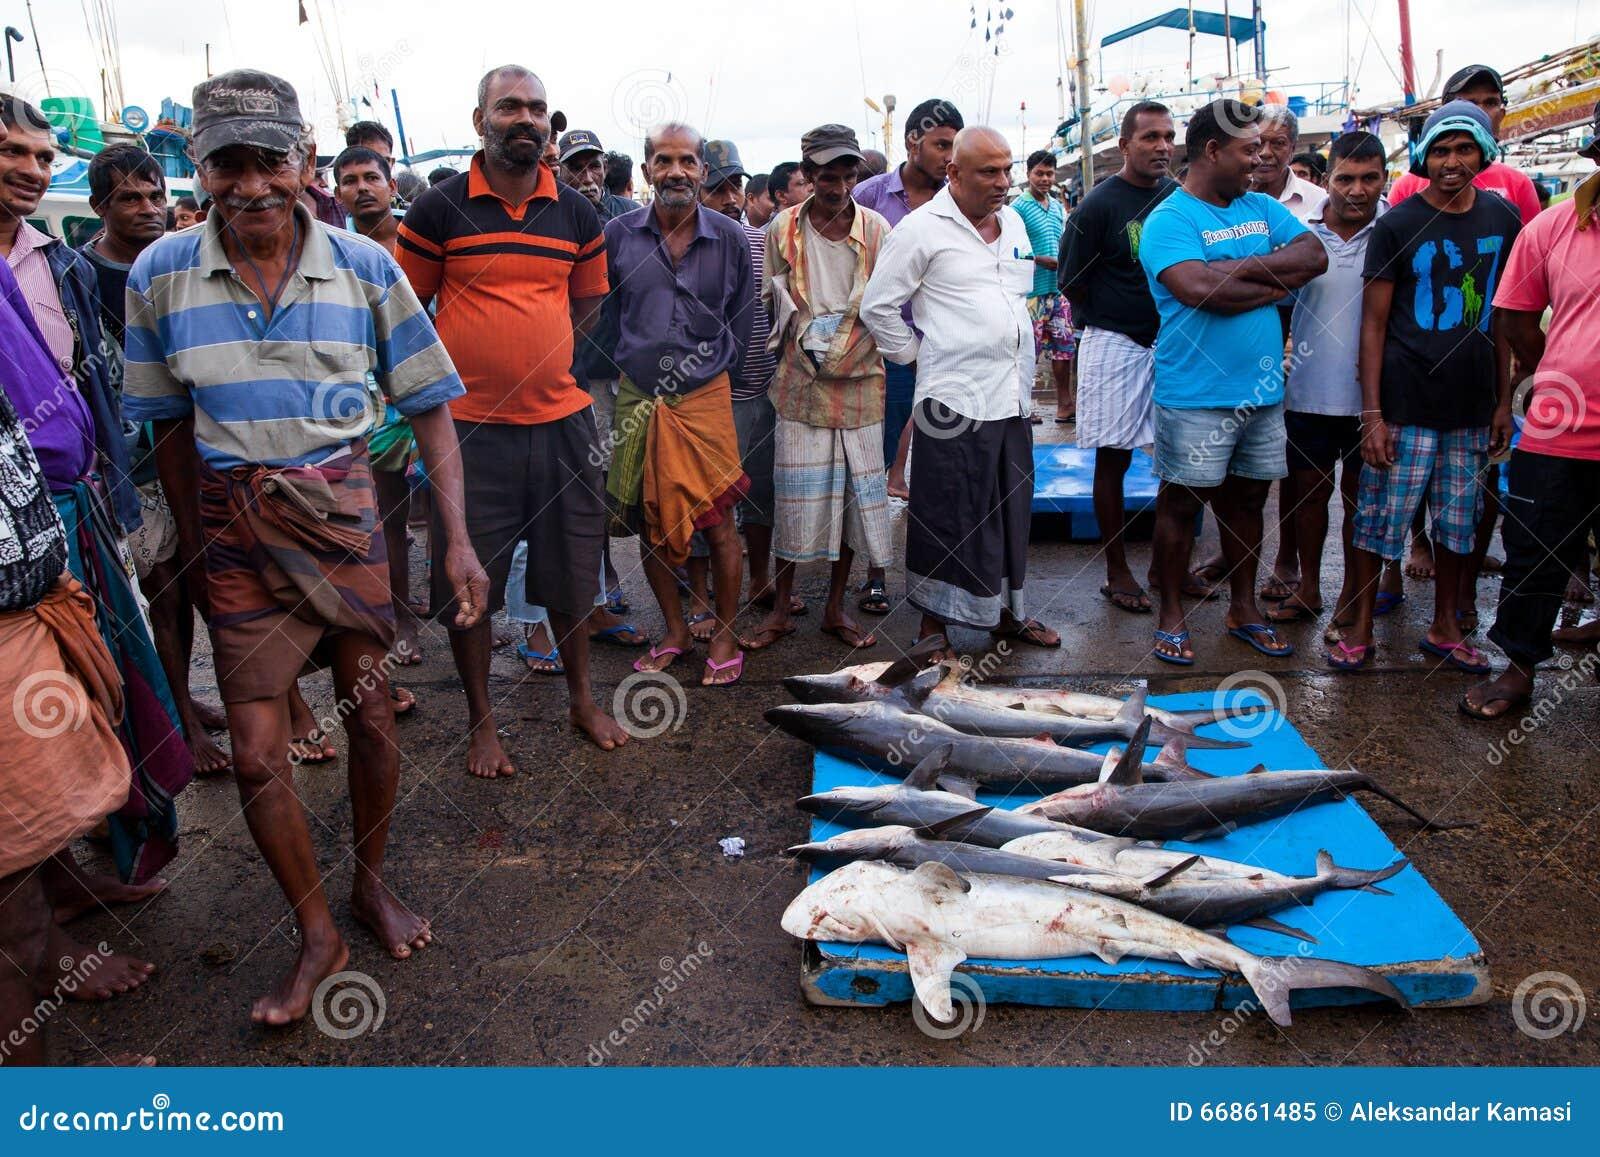 Aleta do tubarão - tubarões inoperantes no mercado de peixes - Beruwela, Sri Lanka